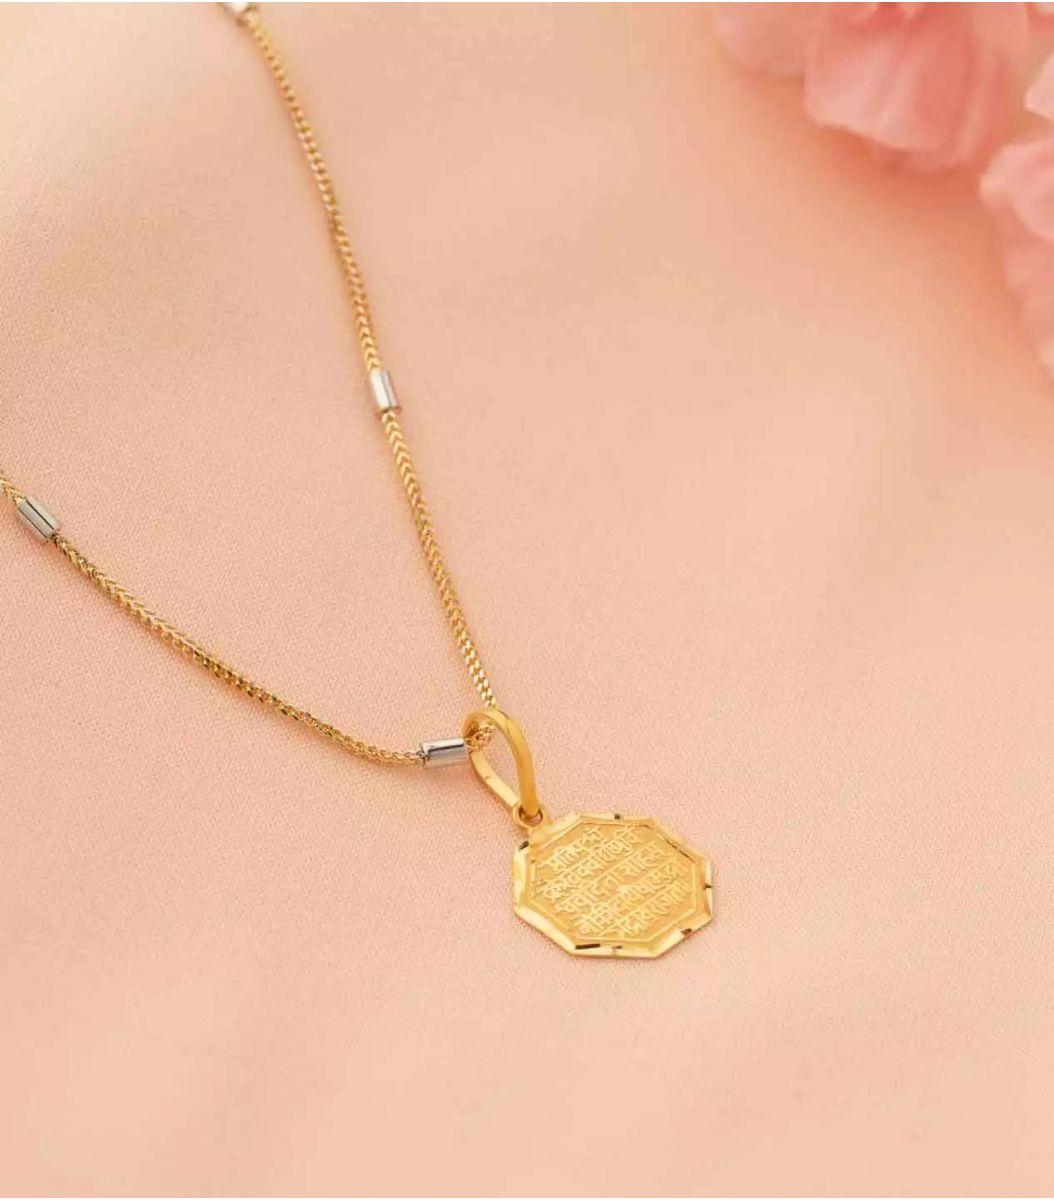 Gold Chain Pendant-CP605577